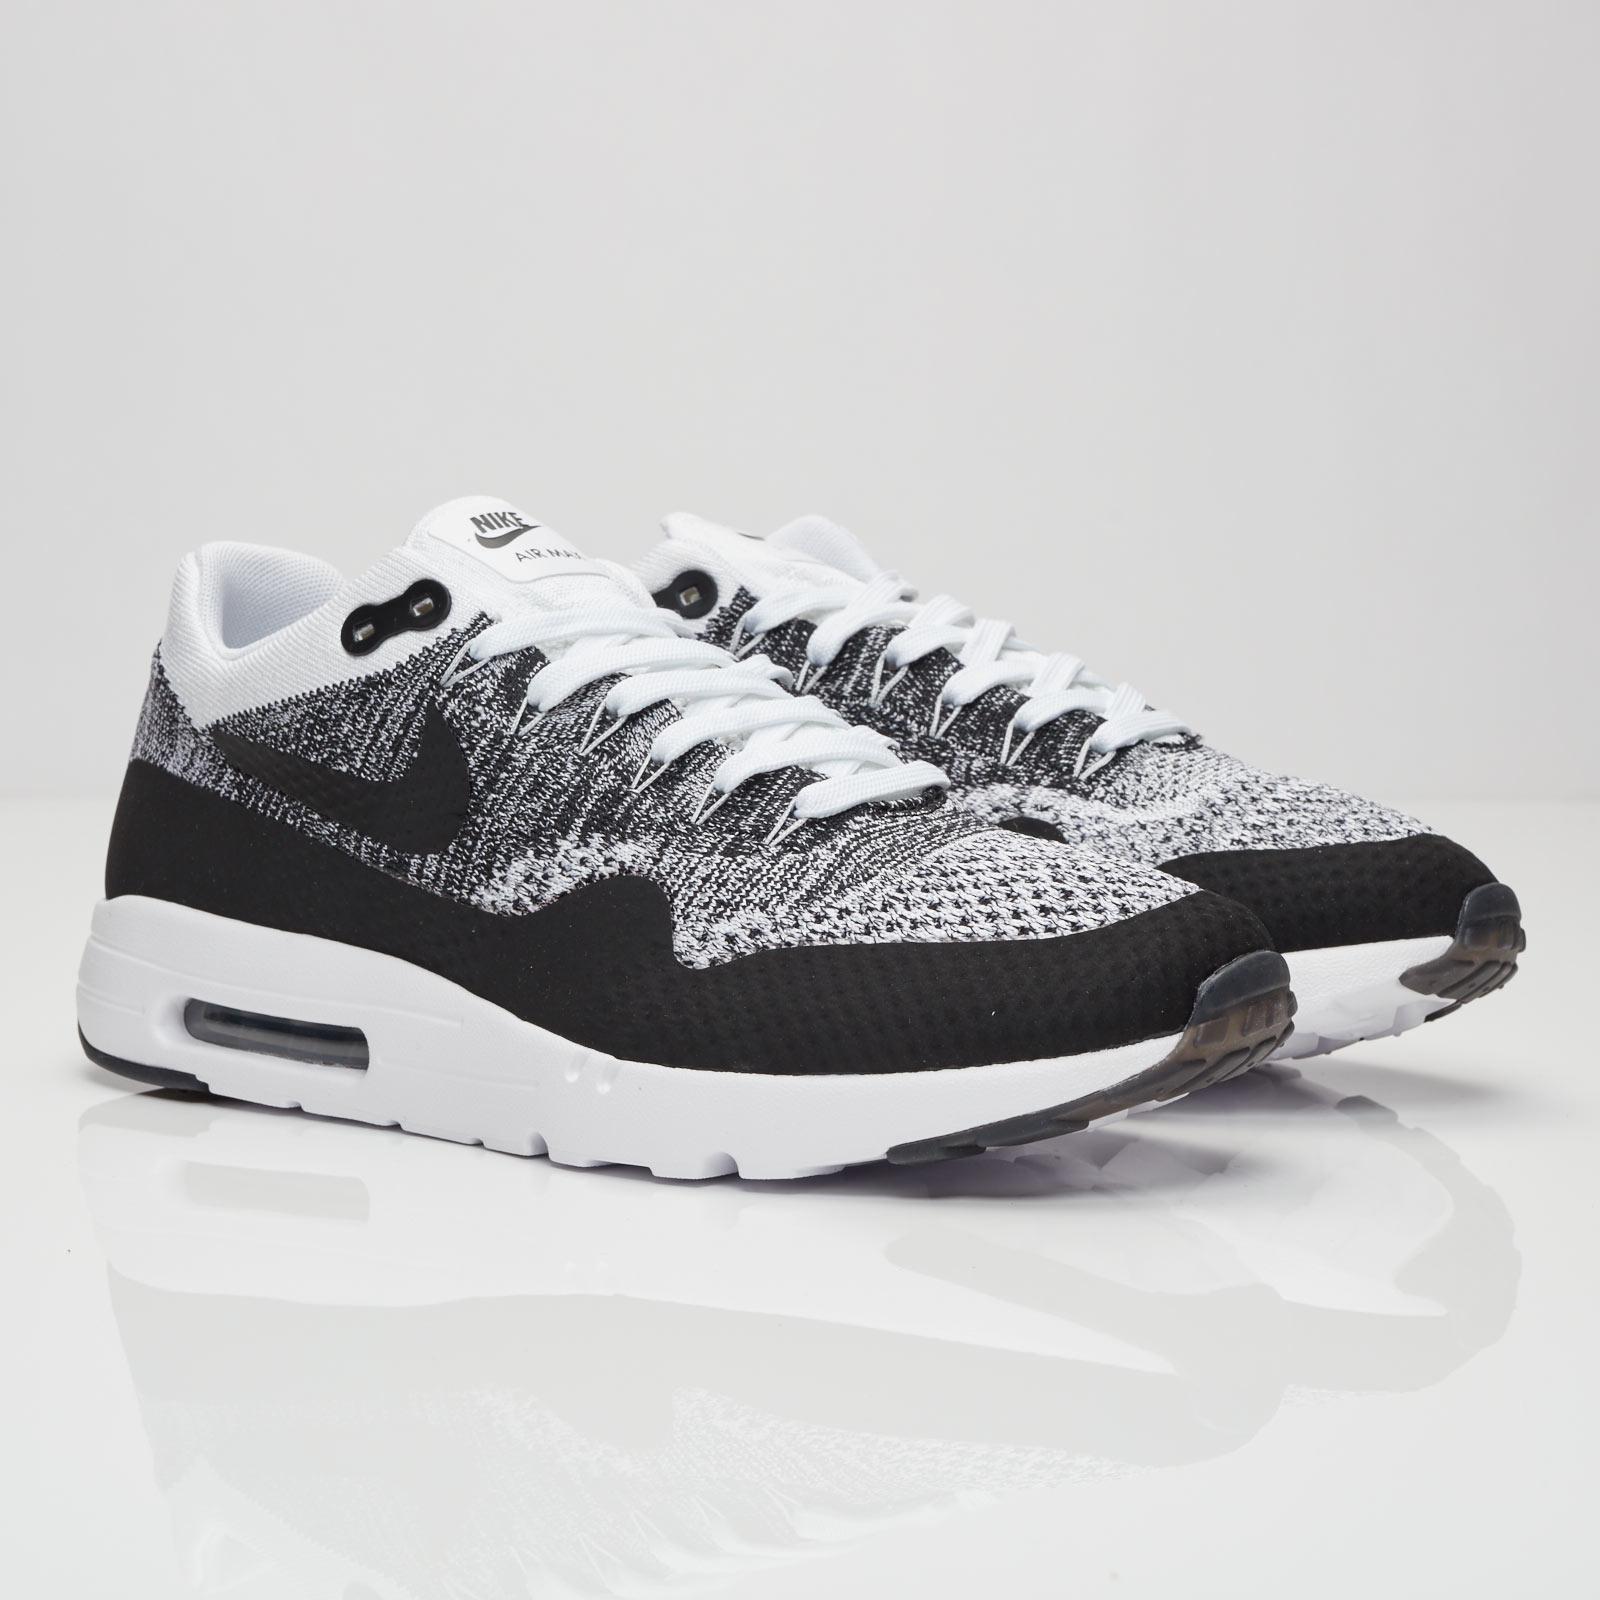 7a31bb4e2f6 Nike Air Max 1 Ultra Flyknit - 843384-100 - Sneakersnstuff ...